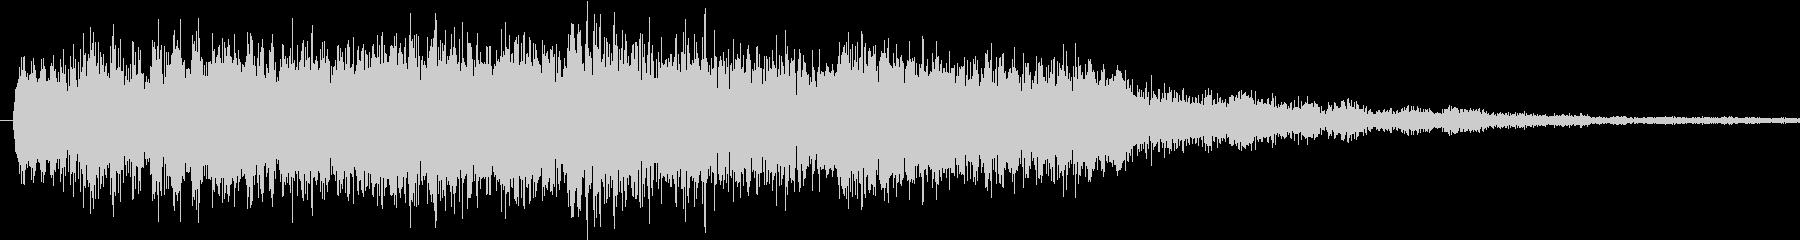 可愛らしい効果音の未再生の波形